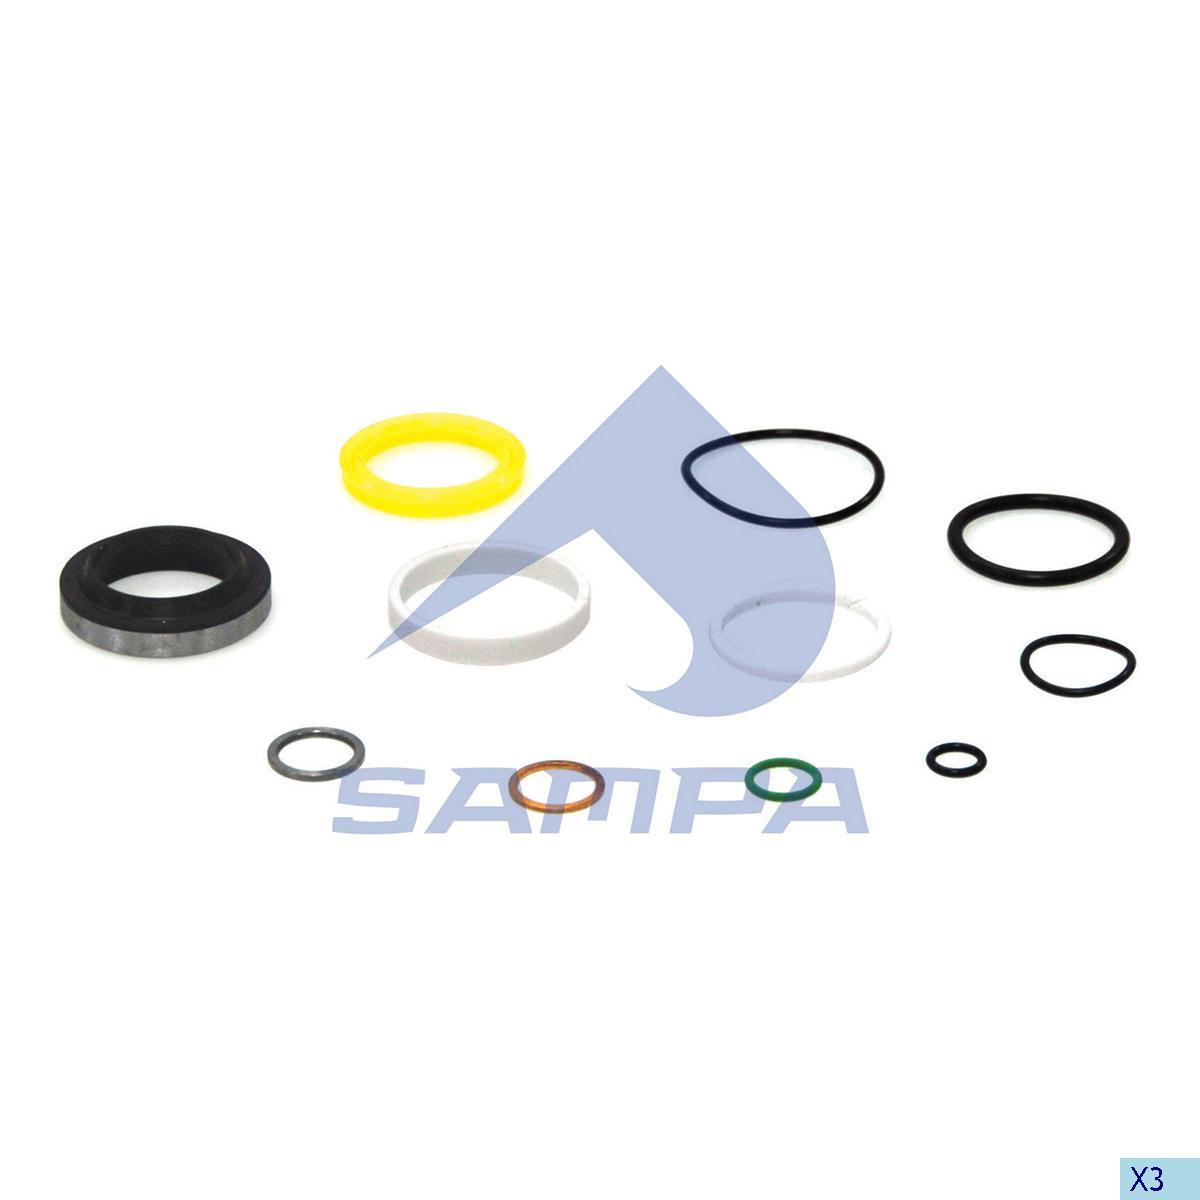 Repair Kit, Cab Tilt, Daf, Cab